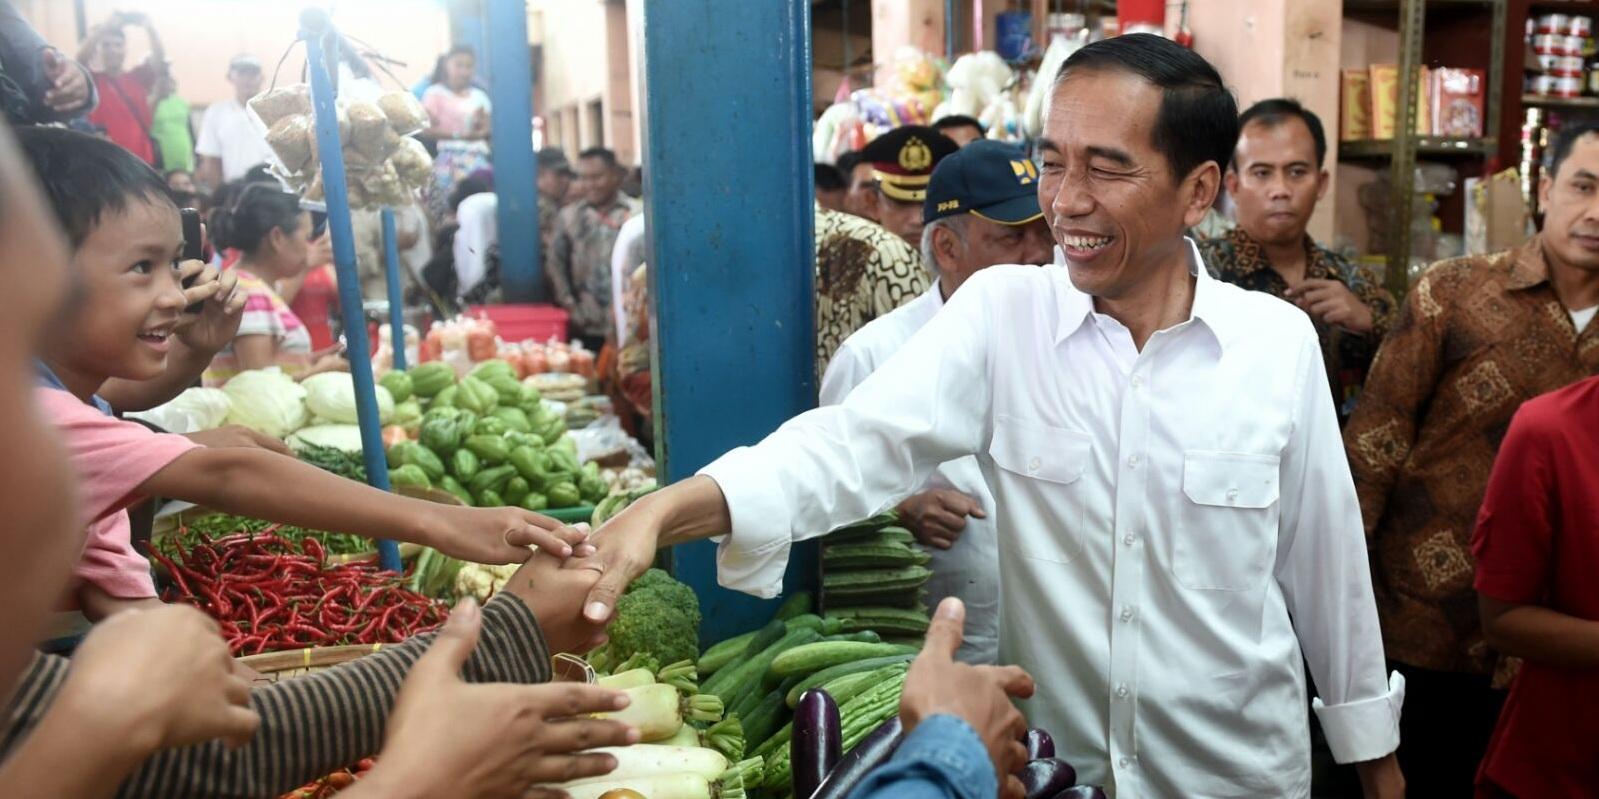 Beli Sabun Cuci 2 Miliar Rupiah Dibilang Sandiwara, Ini Bantahan Tim Jokowi